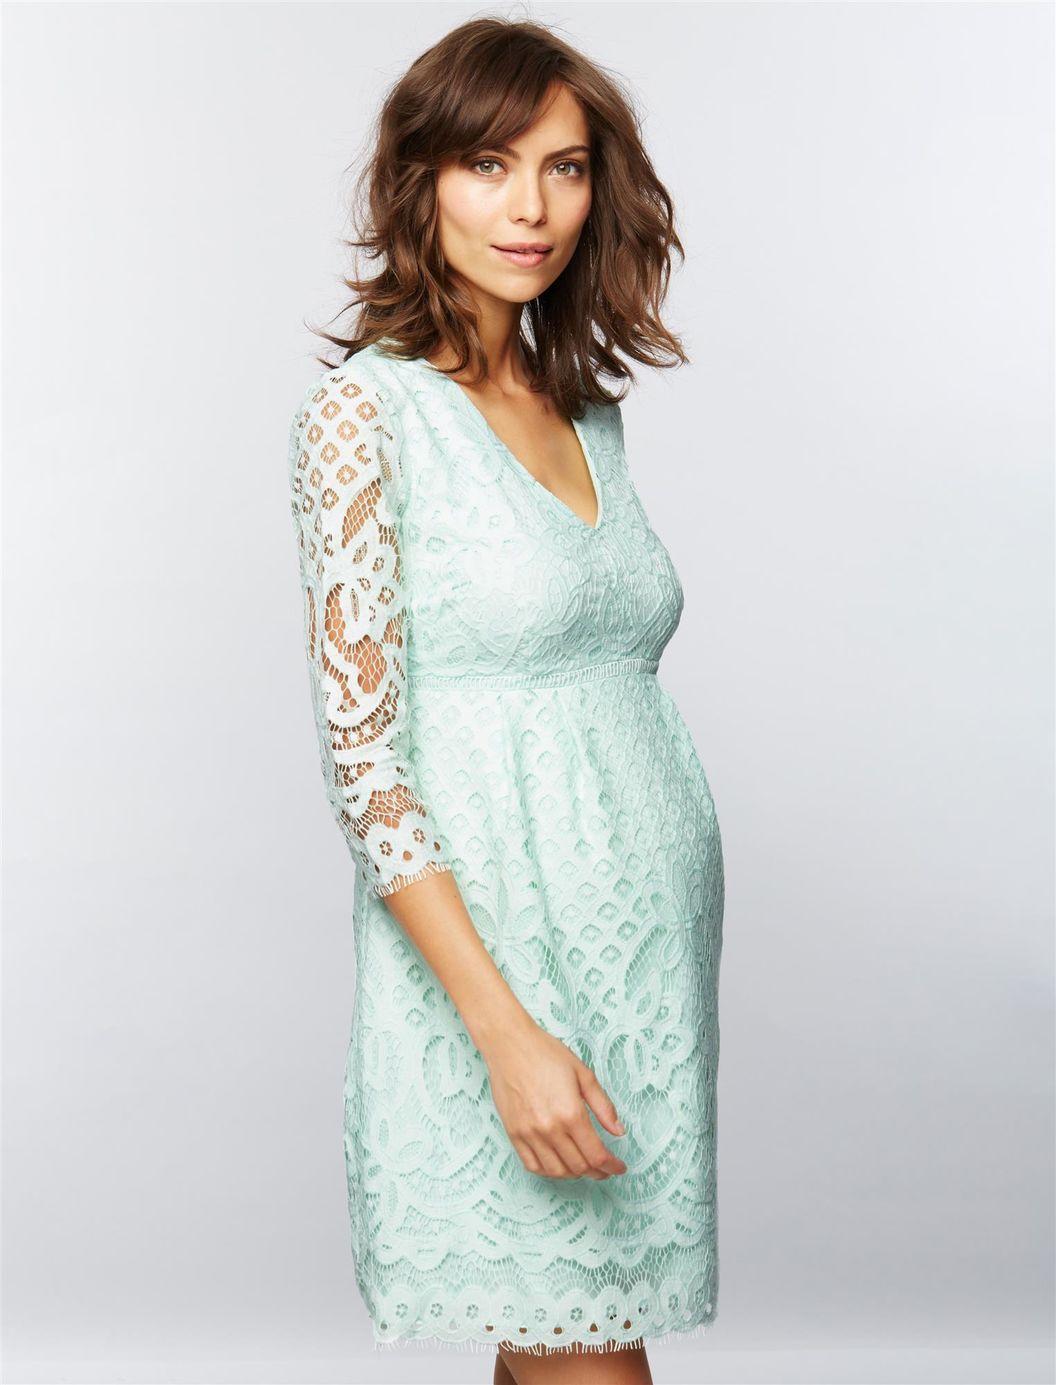 V neck lace maternity dress a pea in the pod maternity v neck lace maternity dress a pea in the pod maternity ombrellifo Gallery